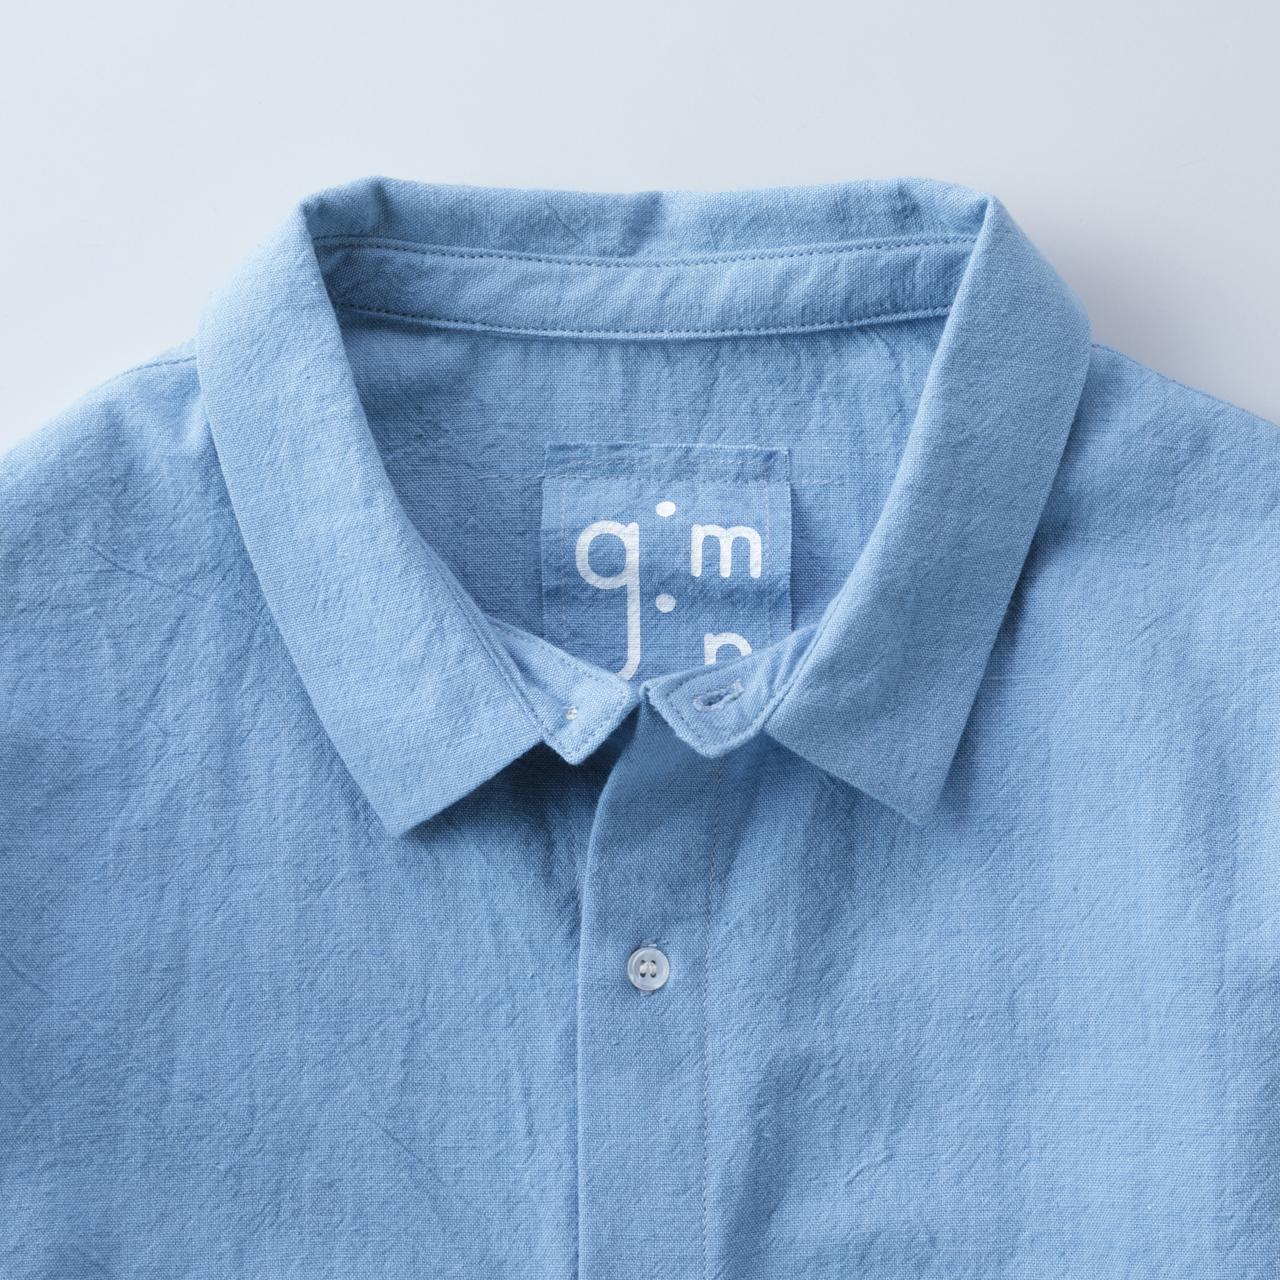 節織薄紺トップス3